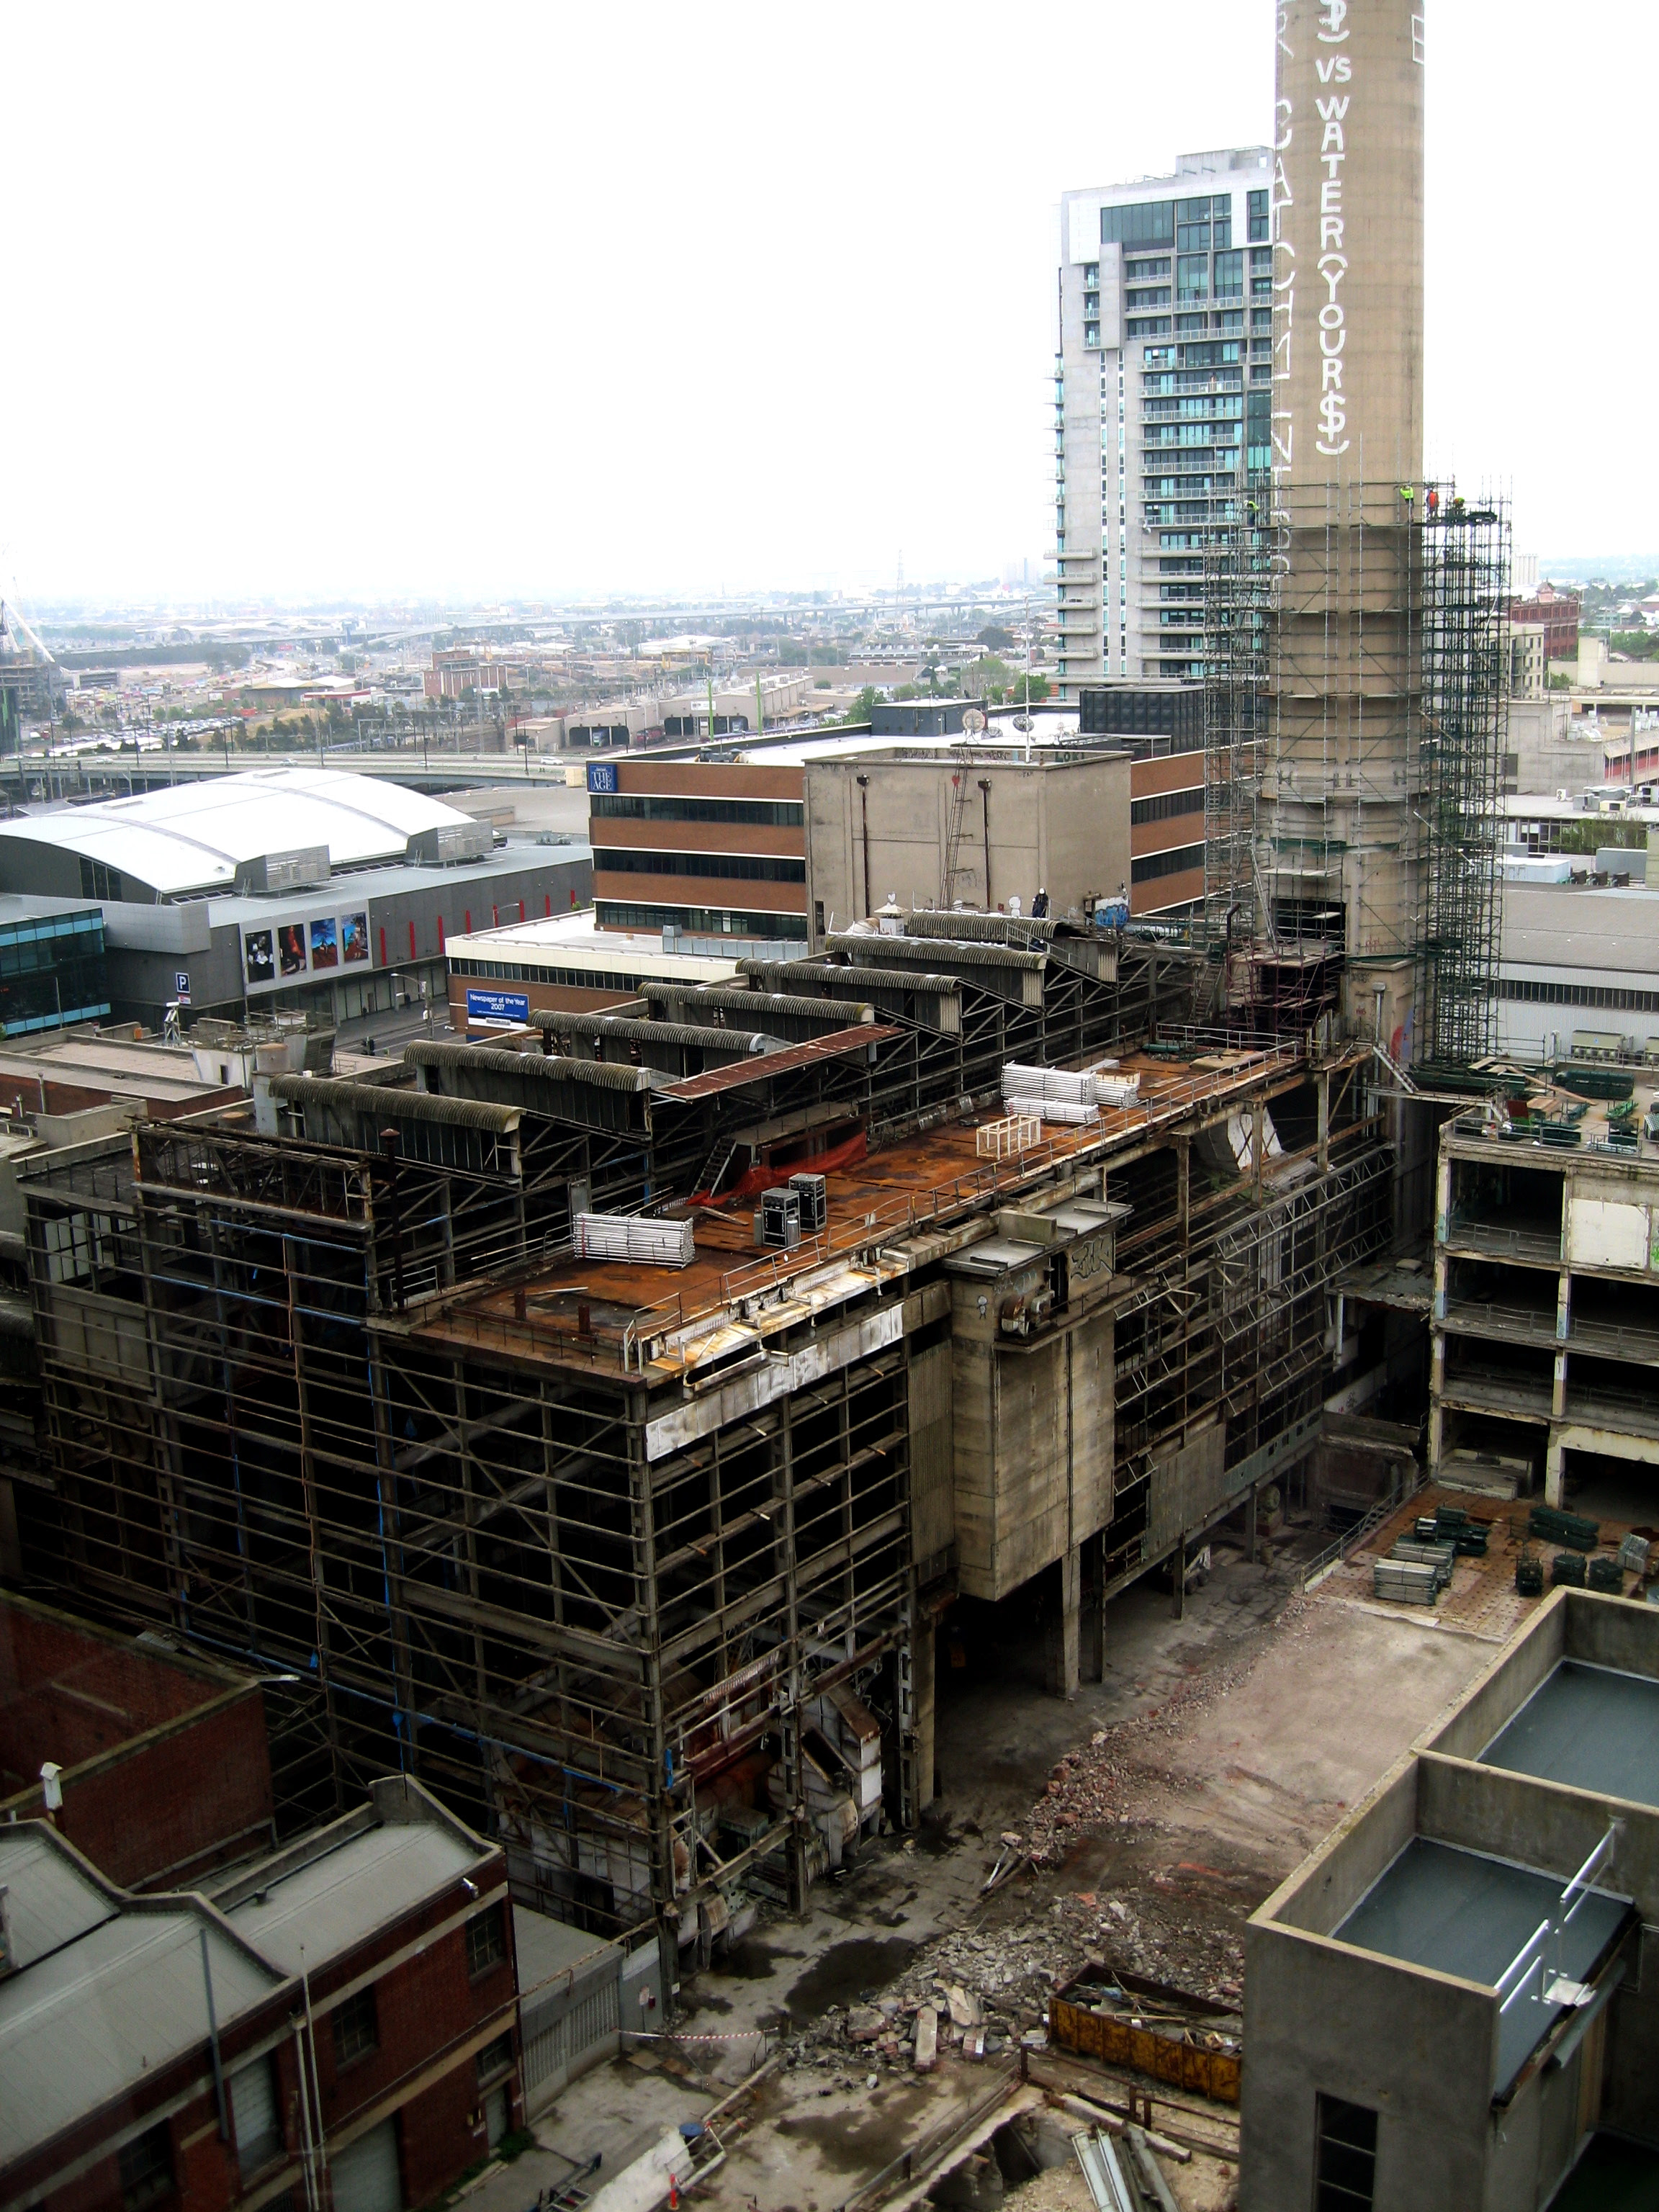 http://upload.wikimedia.org/wikipedia/commons/6/65/Spencer_Street_Power_Station_demolition2.jpg